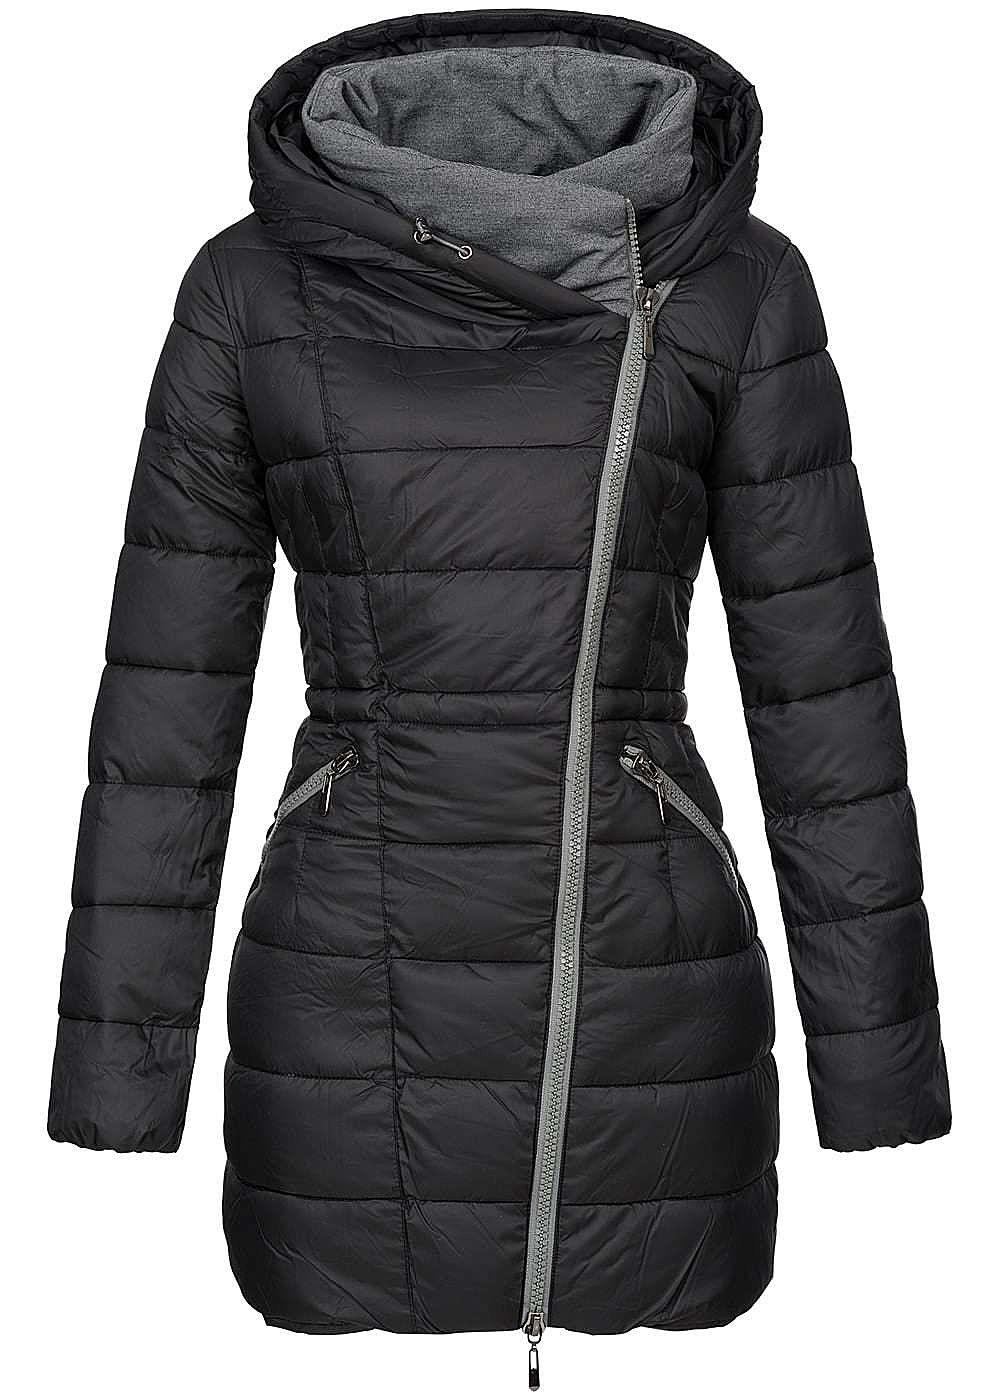 aiki damen winter mantel kapuze 2 zip taschen schwarz grau 77onlineshop. Black Bedroom Furniture Sets. Home Design Ideas